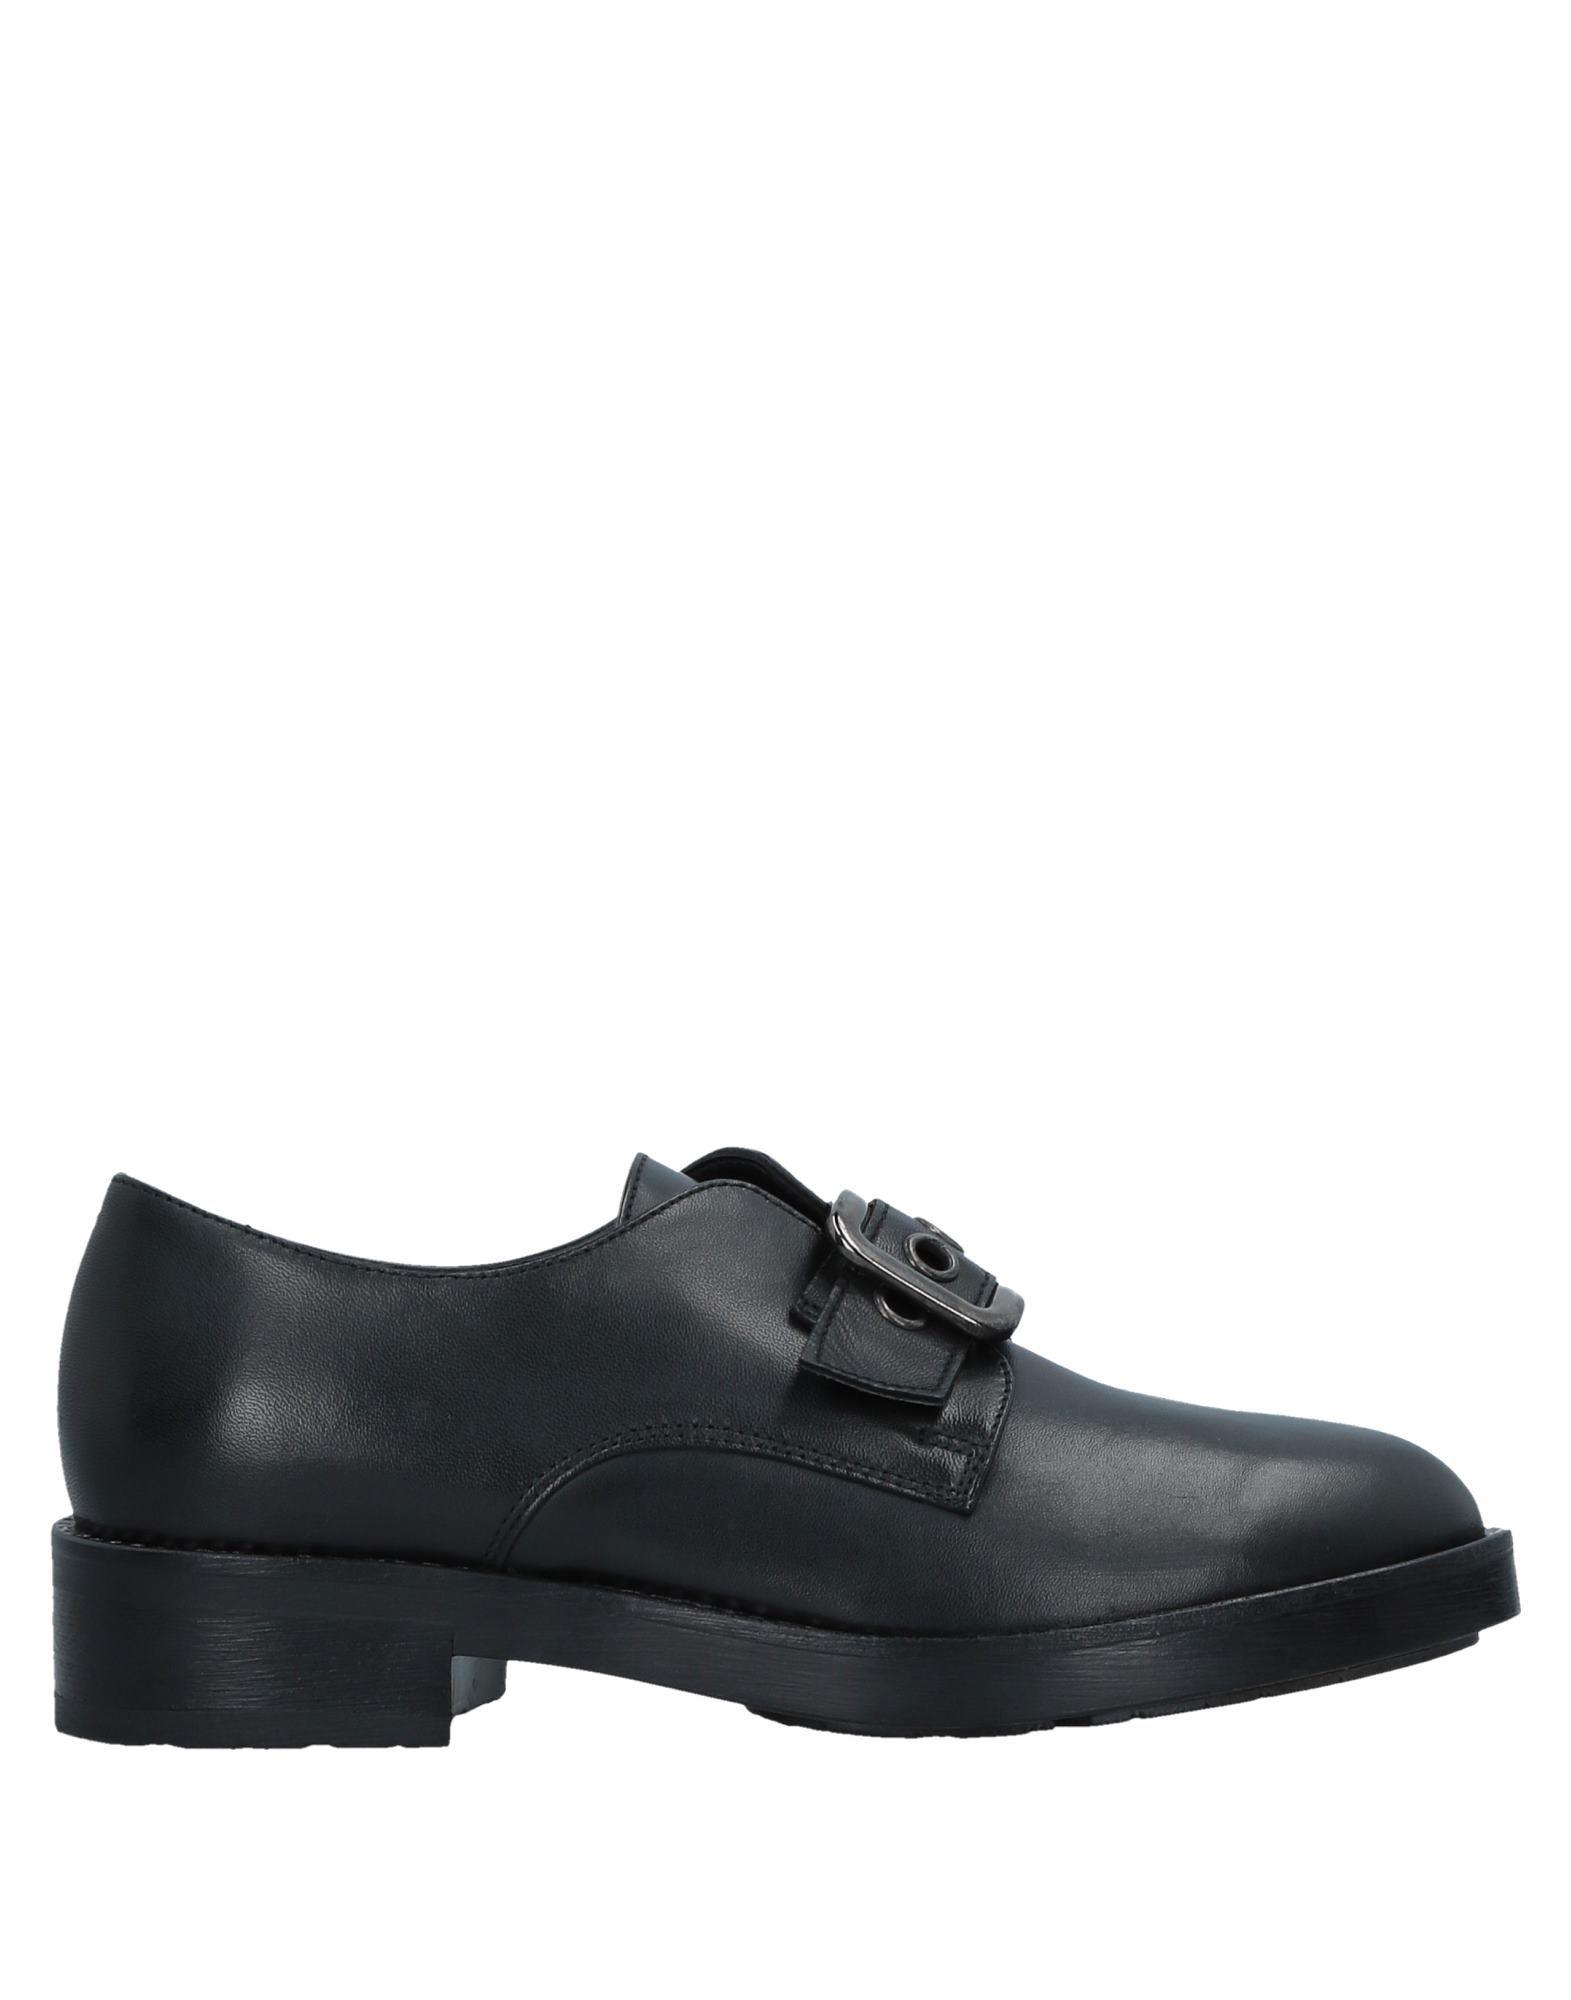 Chocolà Mokassins Damen  11526203CU Gute Qualität beliebte Schuhe